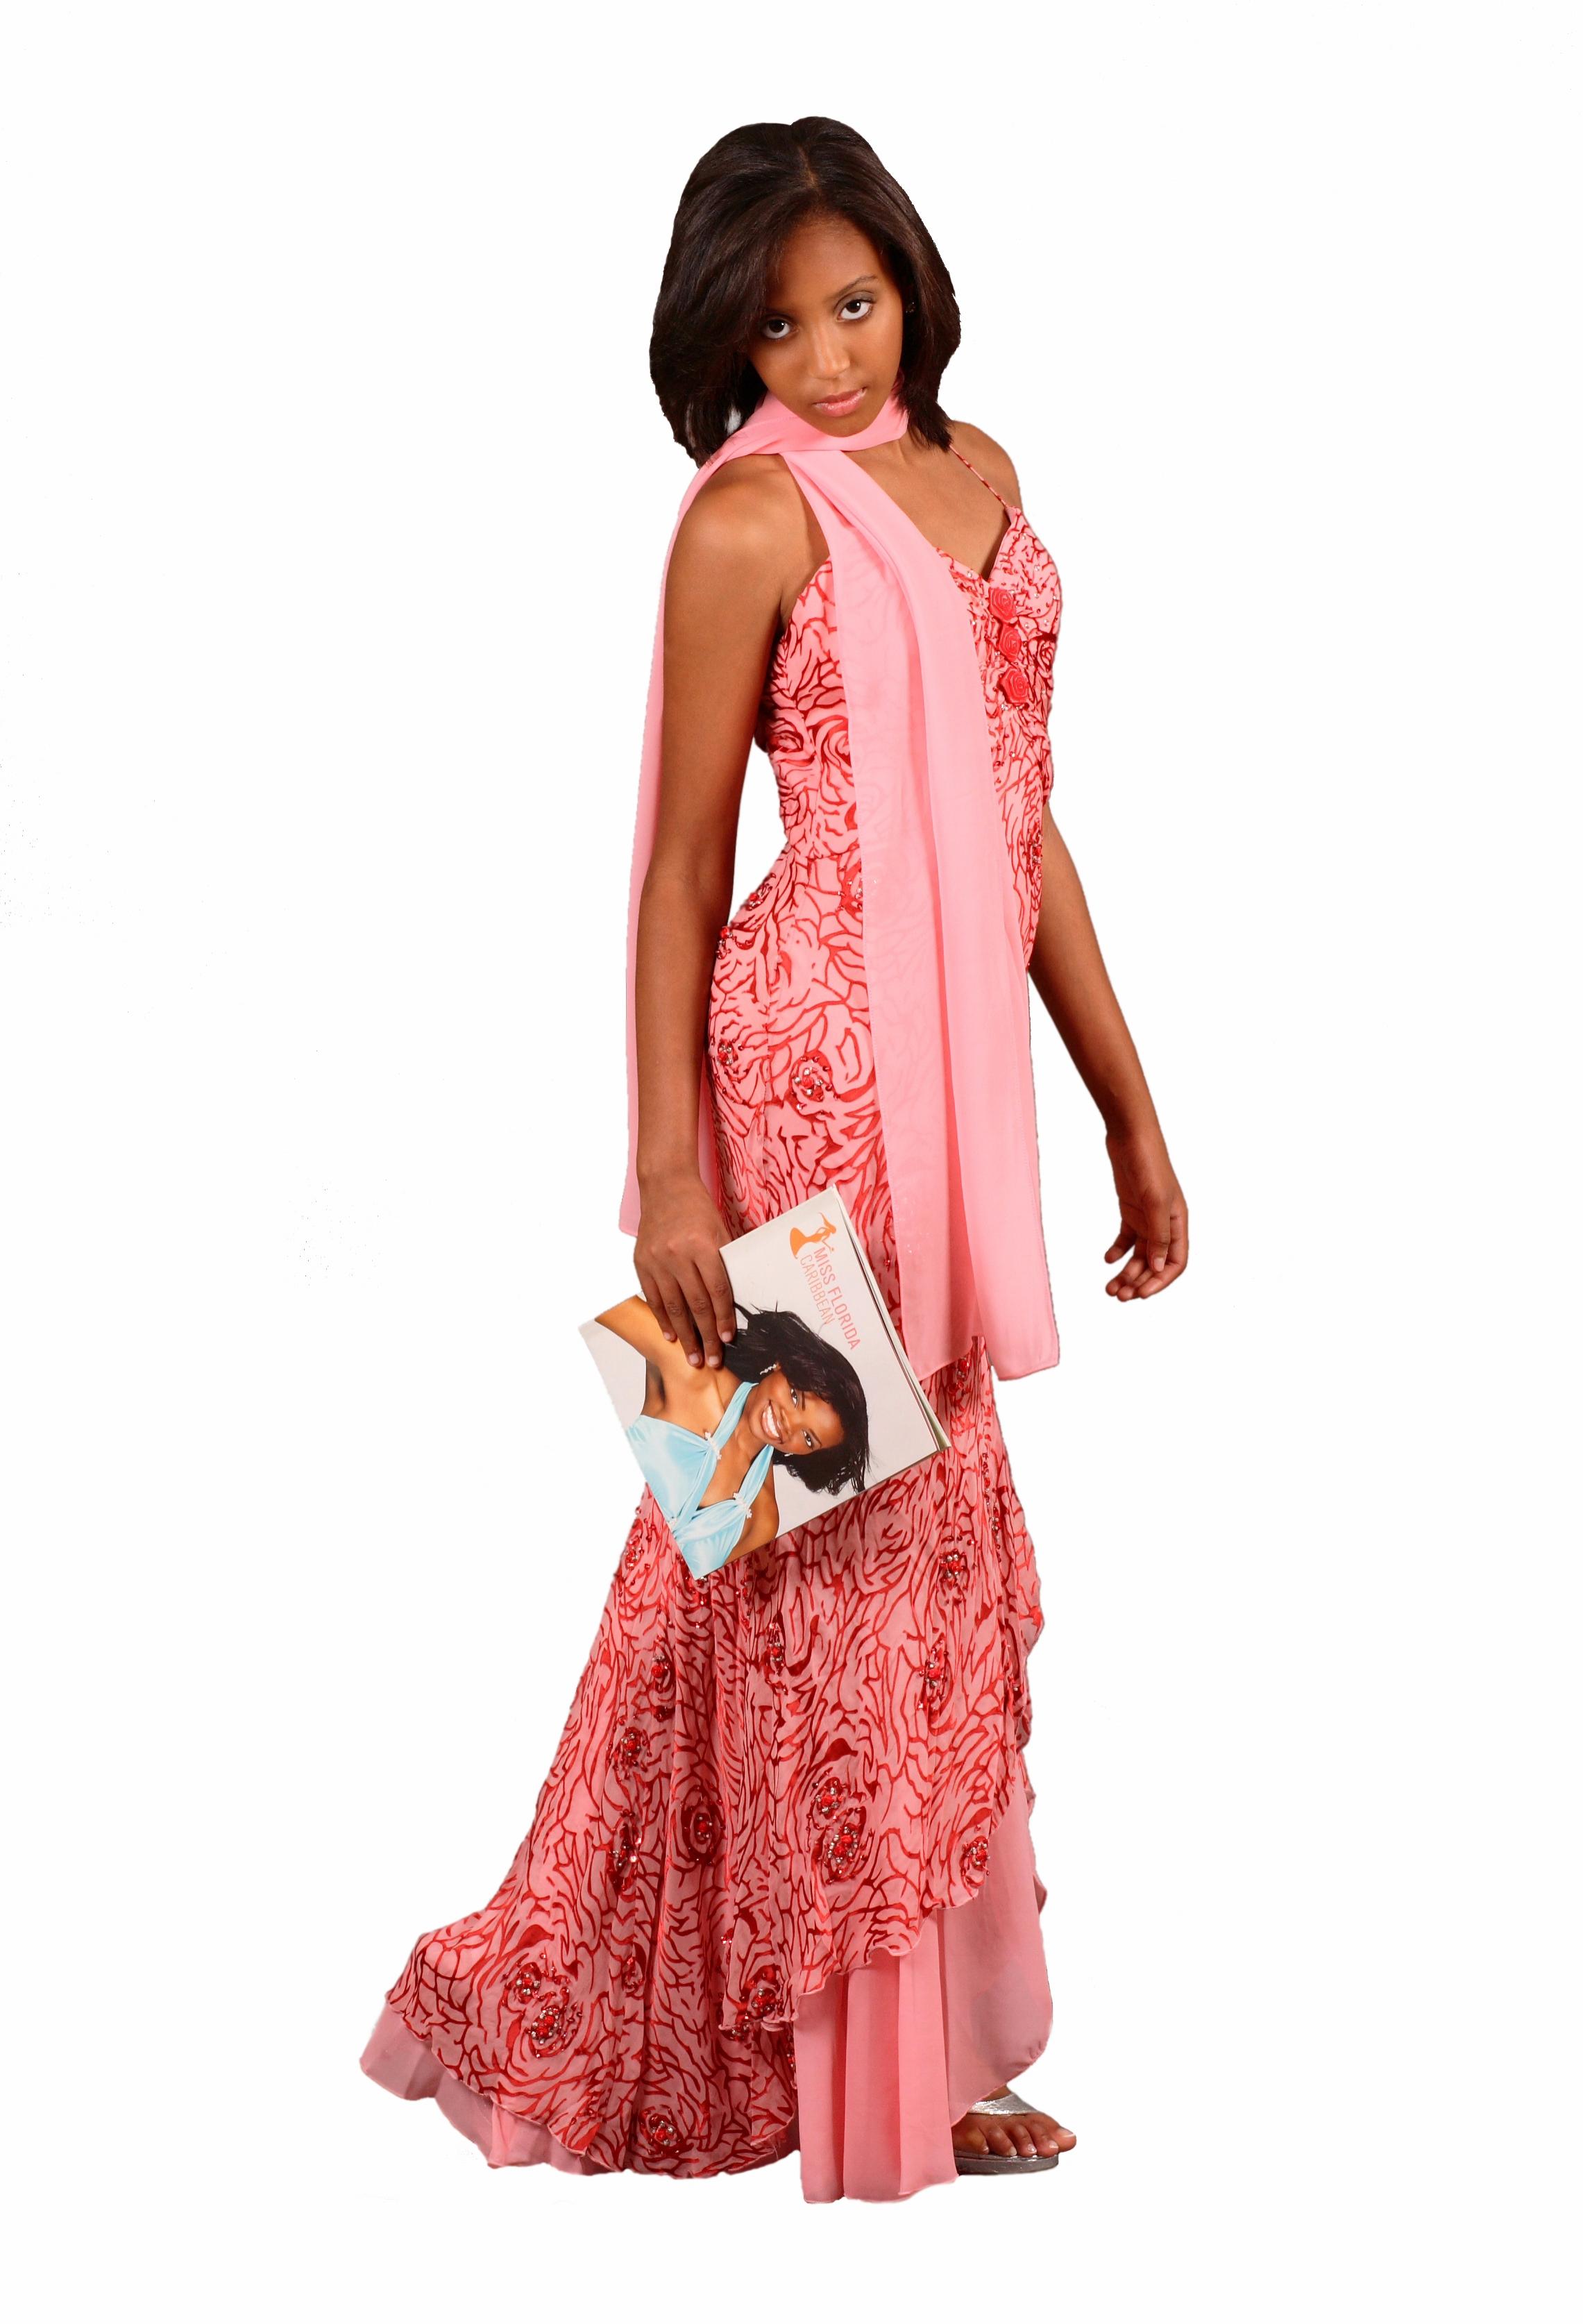 Jr. Miss Florida Caribbean 2007, Kayla Gallego